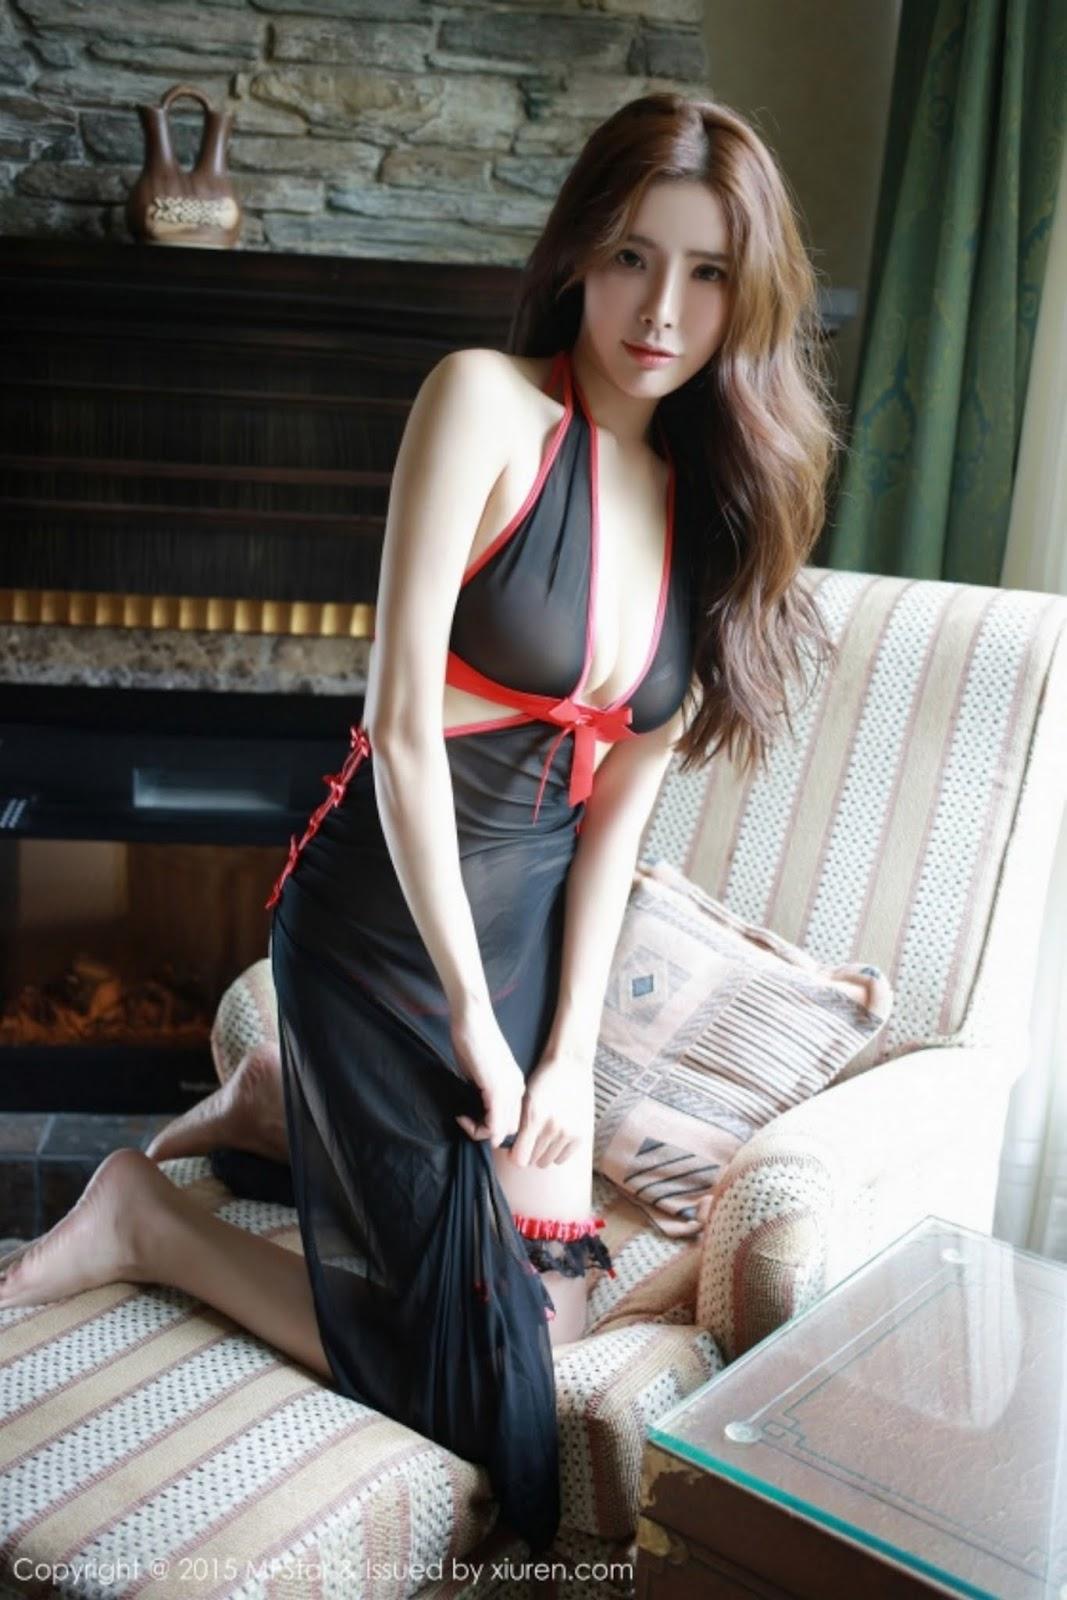 0012 - Hot MFSTAR VOL.10 Model Girl Hot